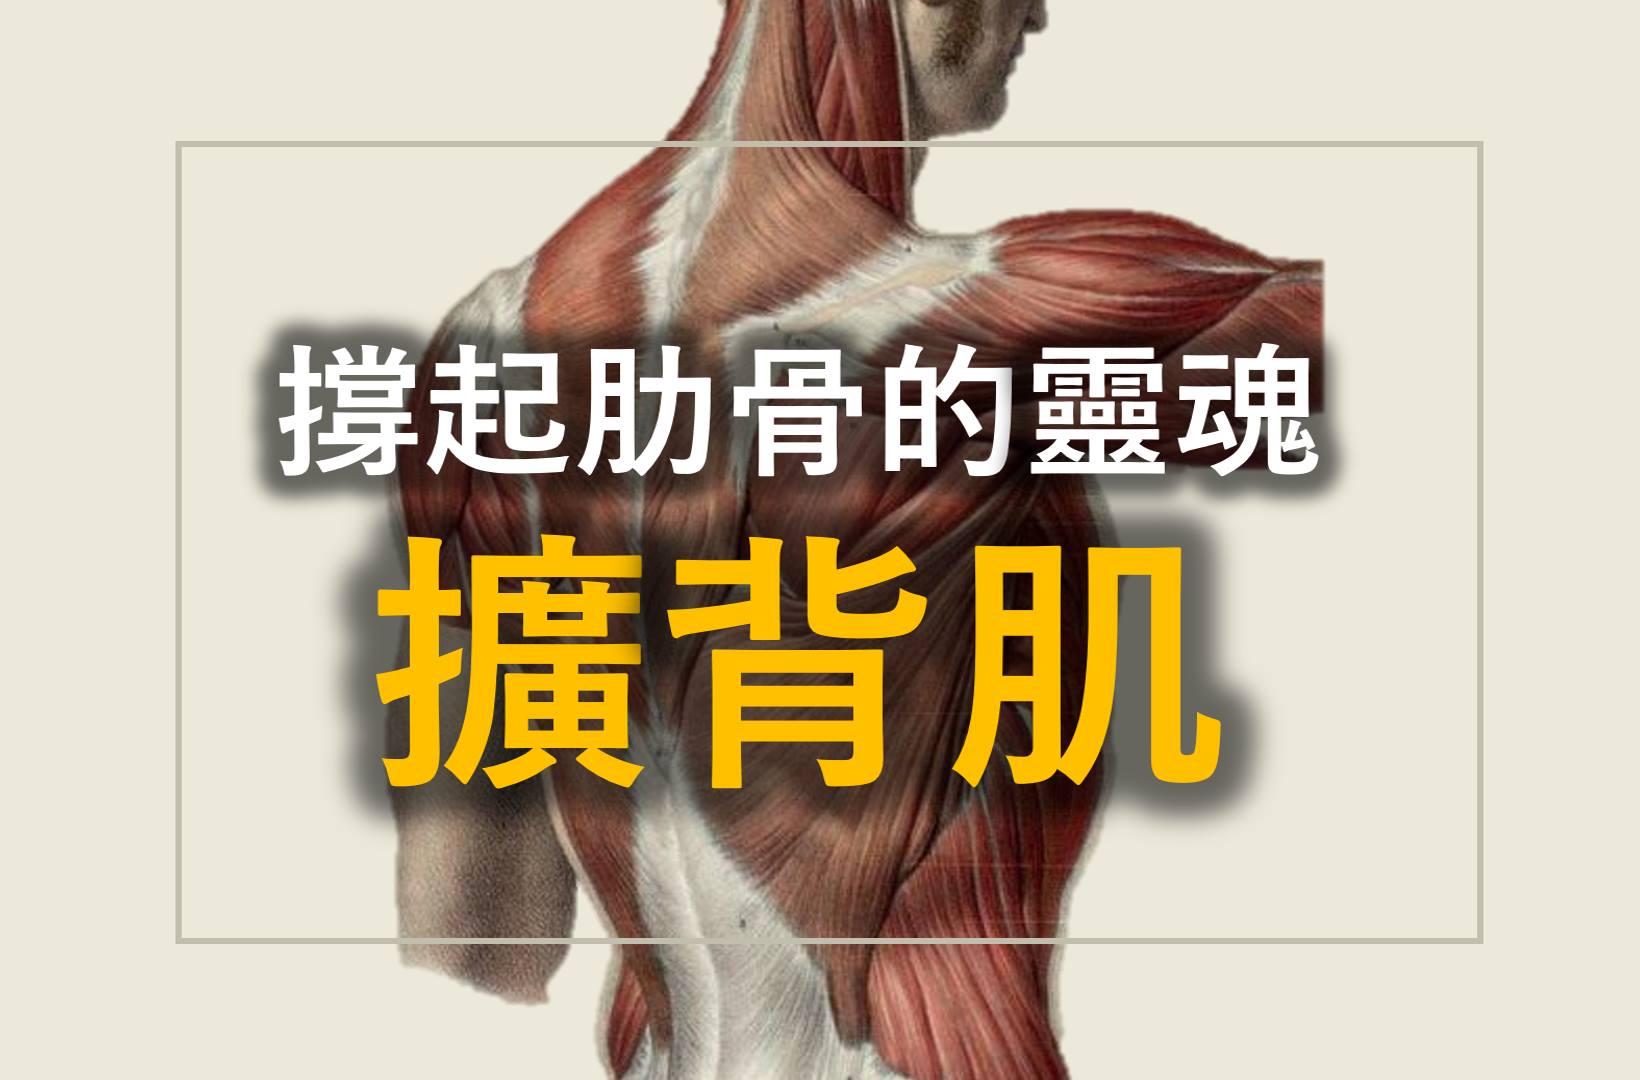 擴背肌latissimus dorsi anatomy